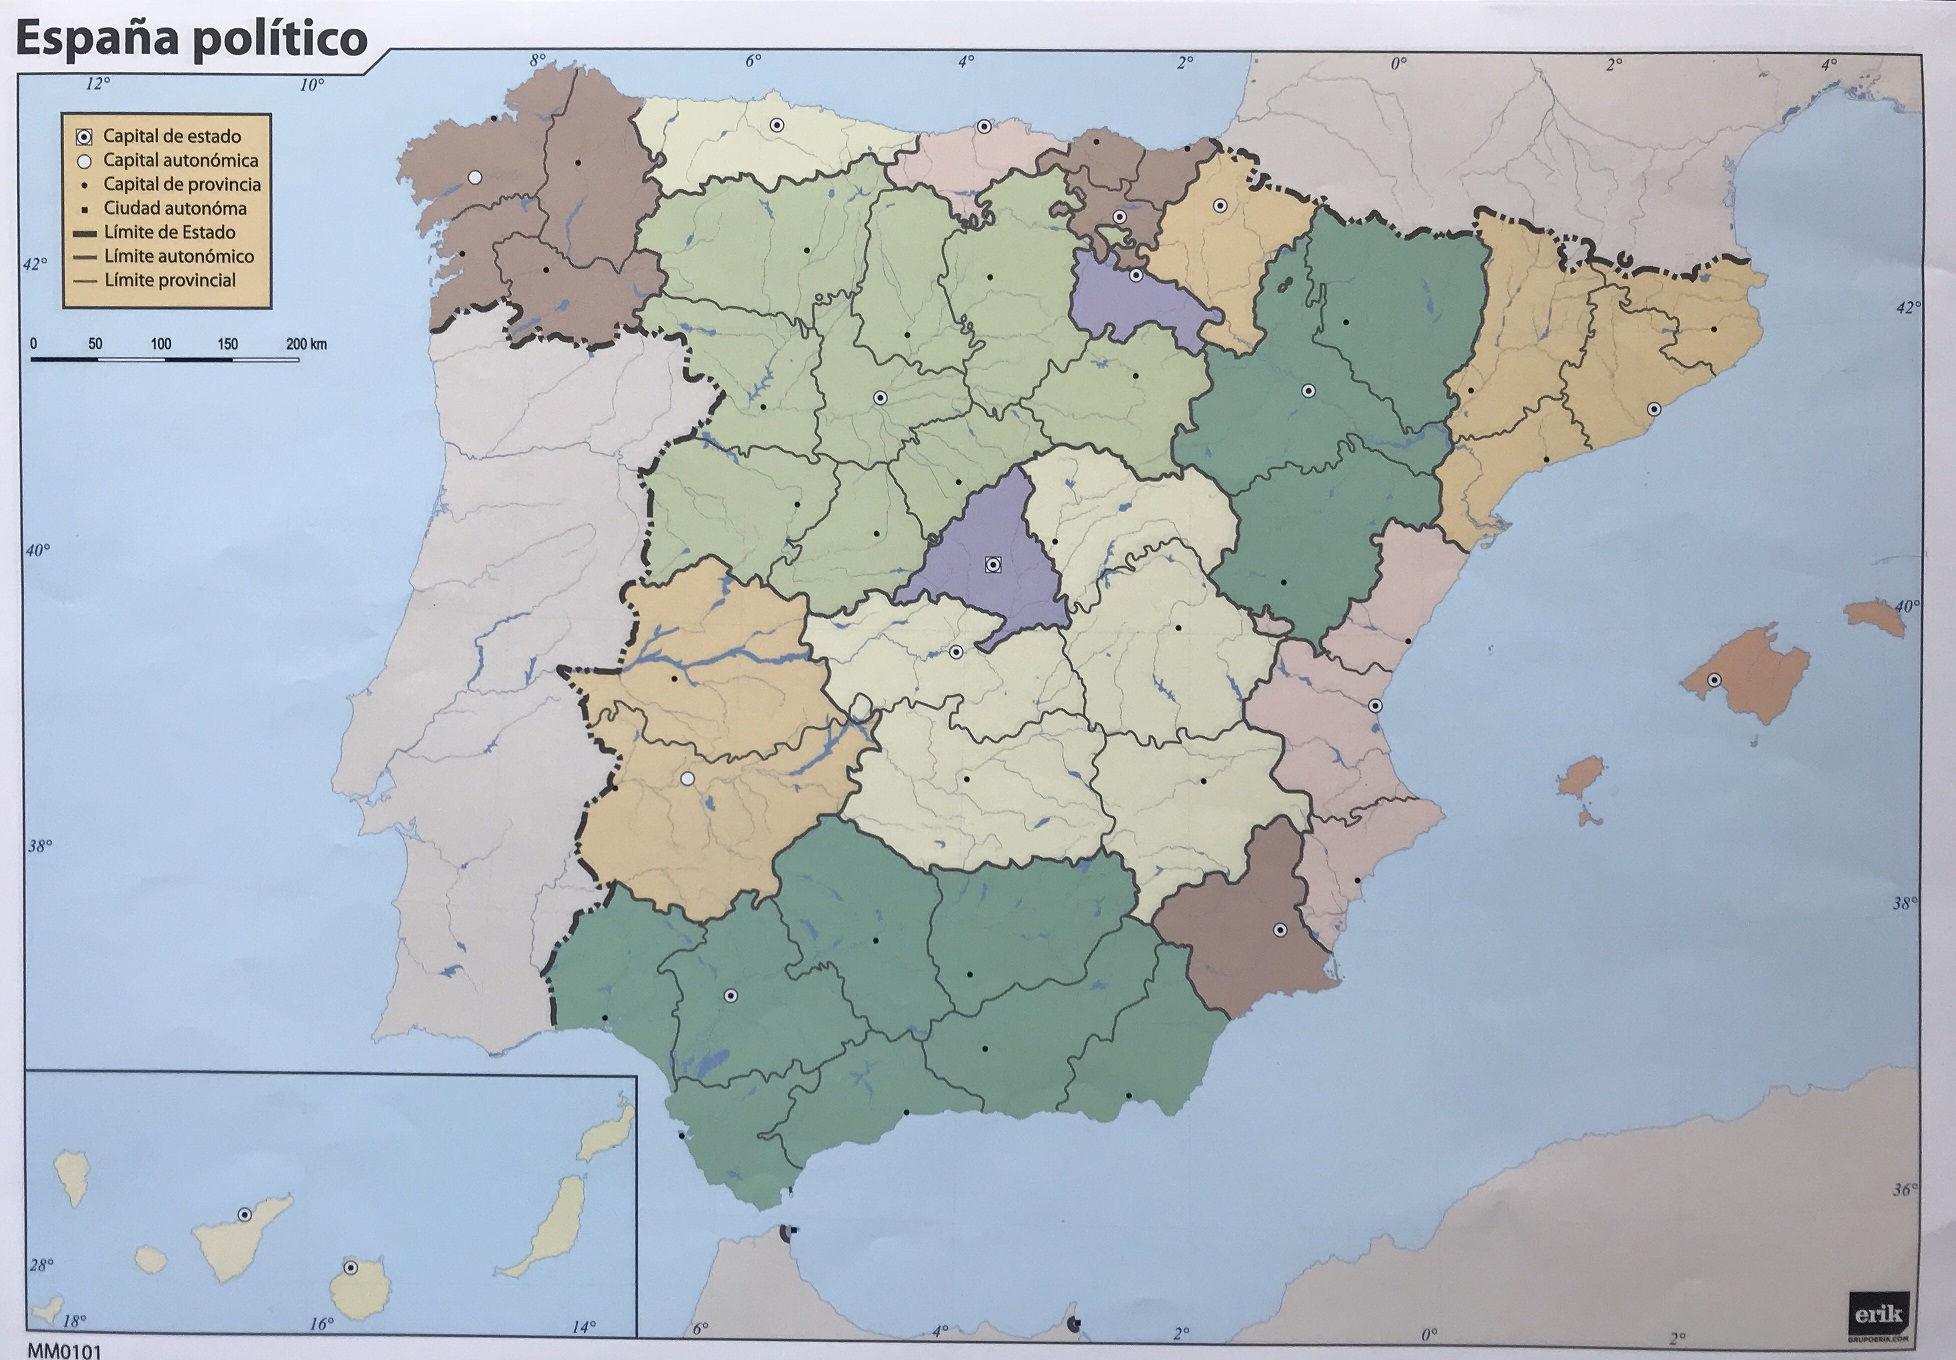 Mapa mudo politico de España